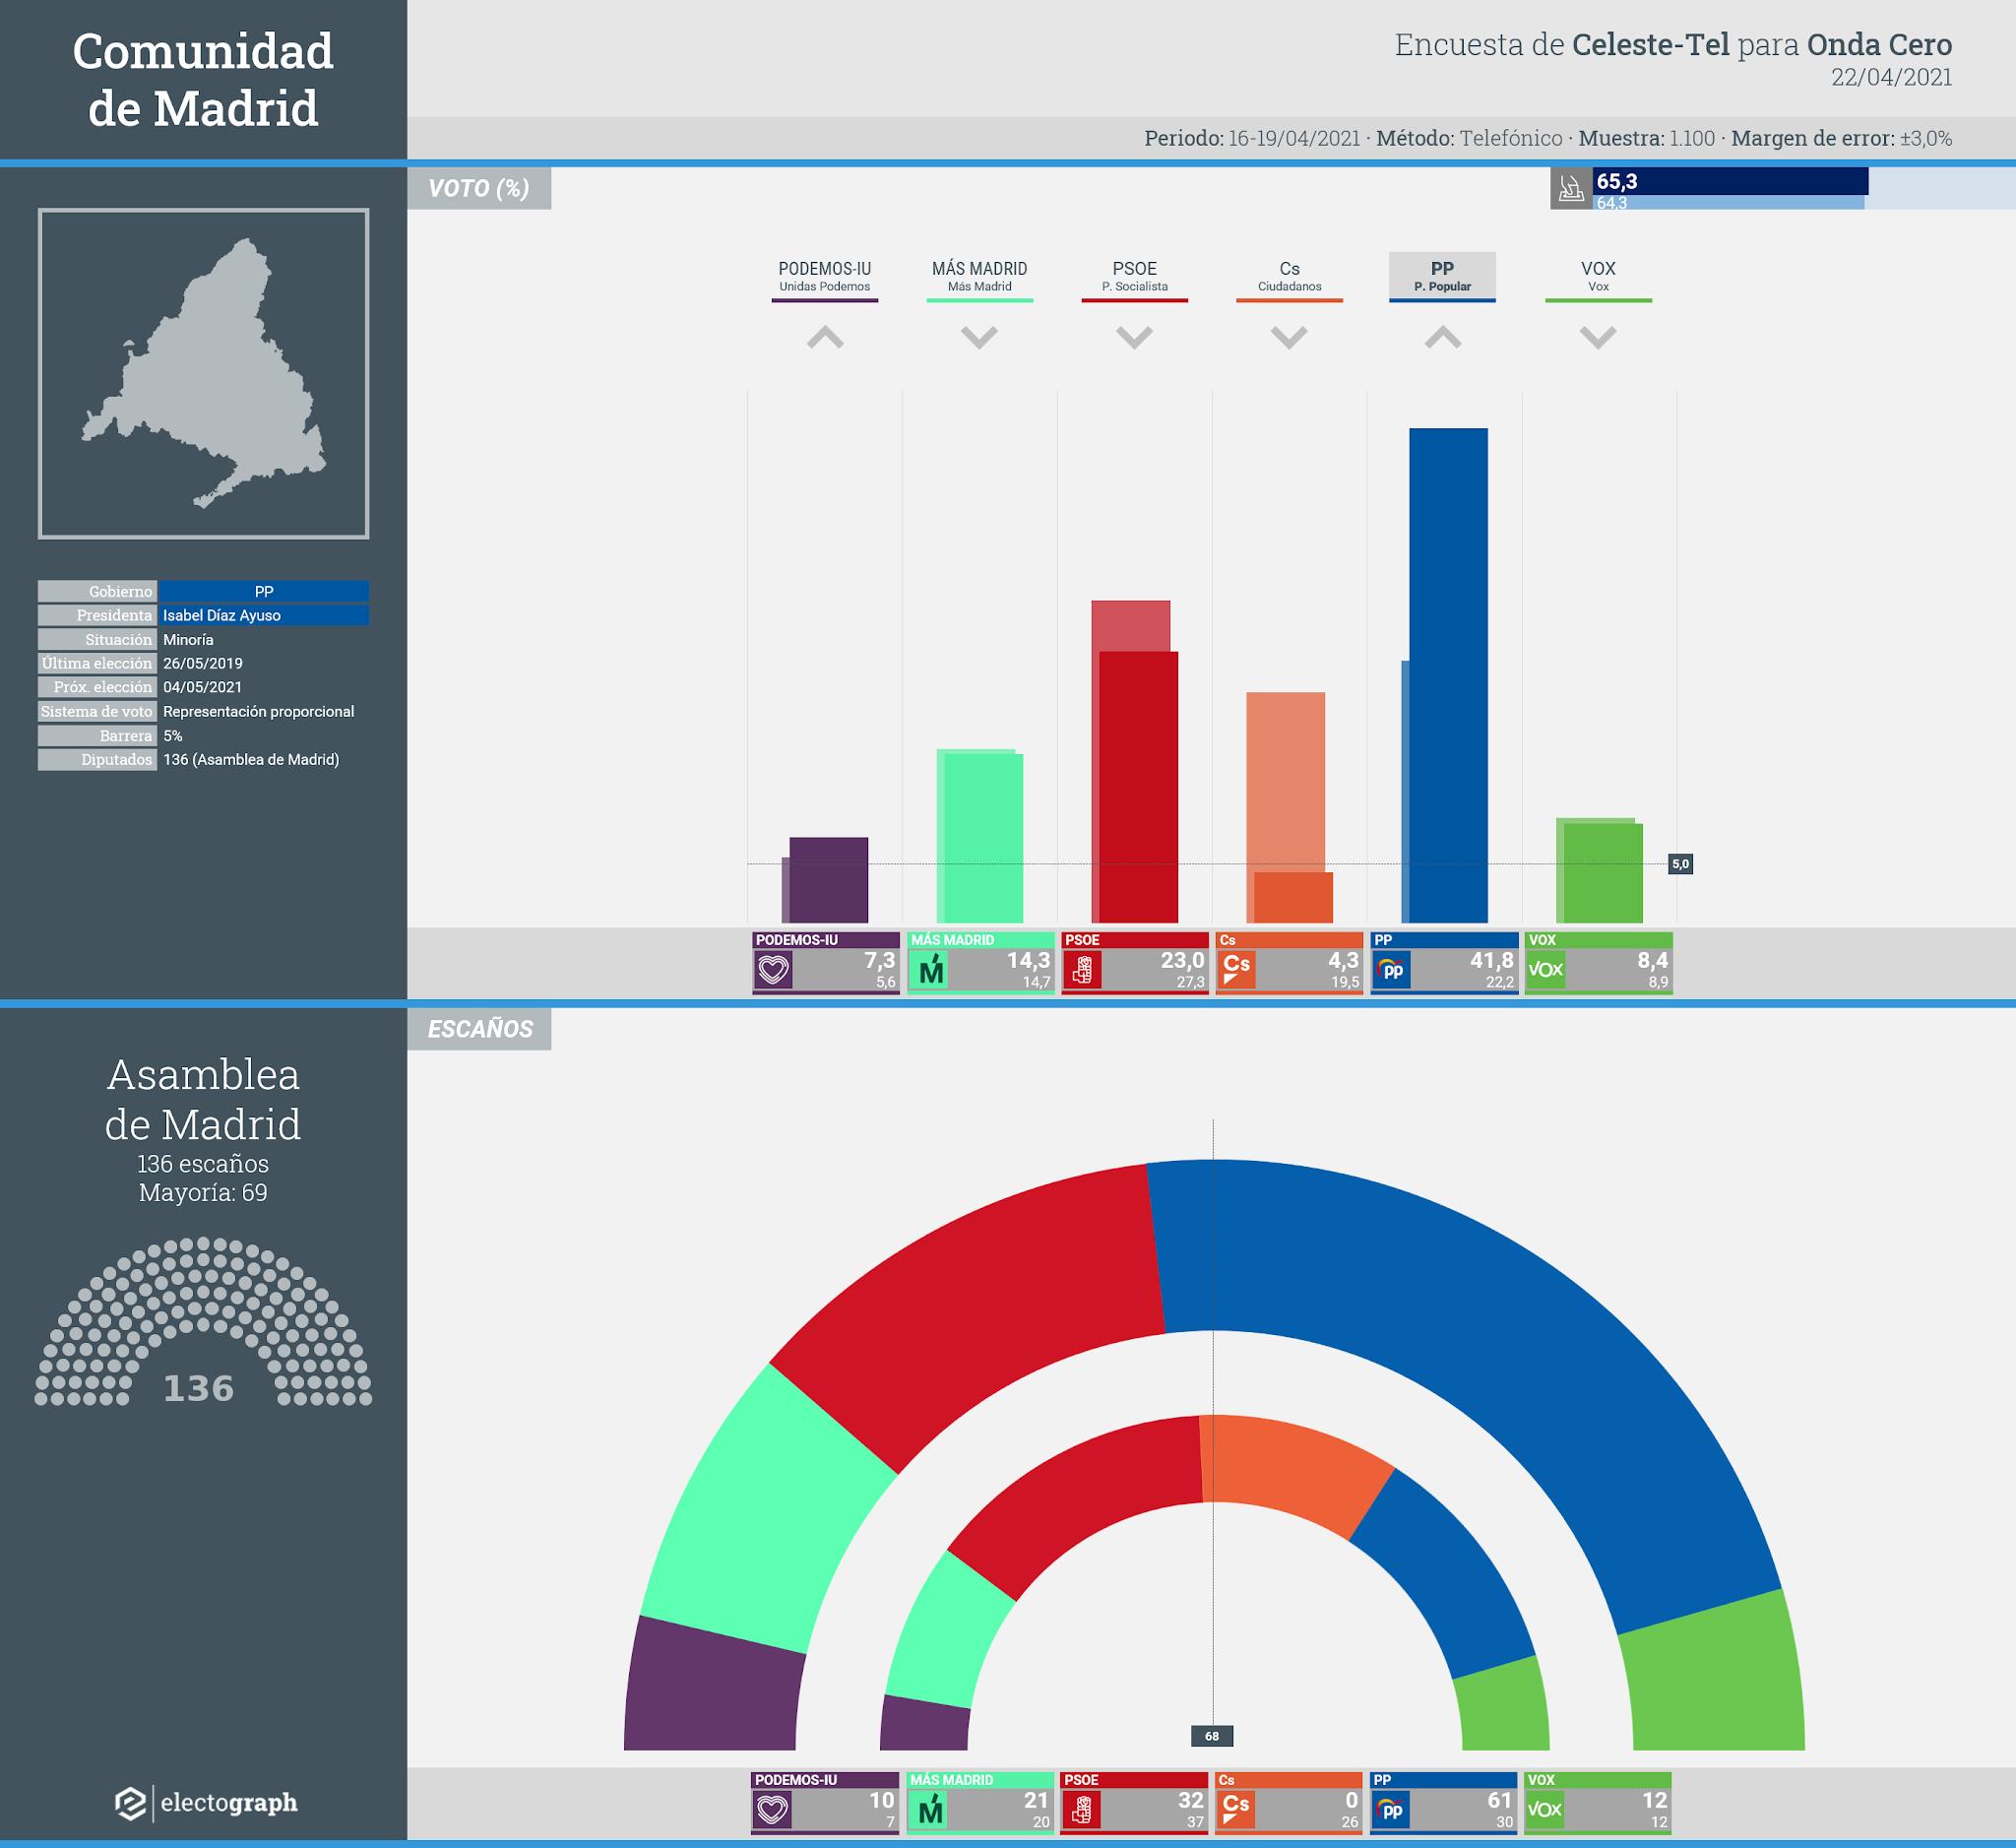 Gráfico de la encuesta para elecciones autonómicas en la Comunidad de Madrid realizada por Celeste-Tel para Onda Cero, 22 de abril de 2021